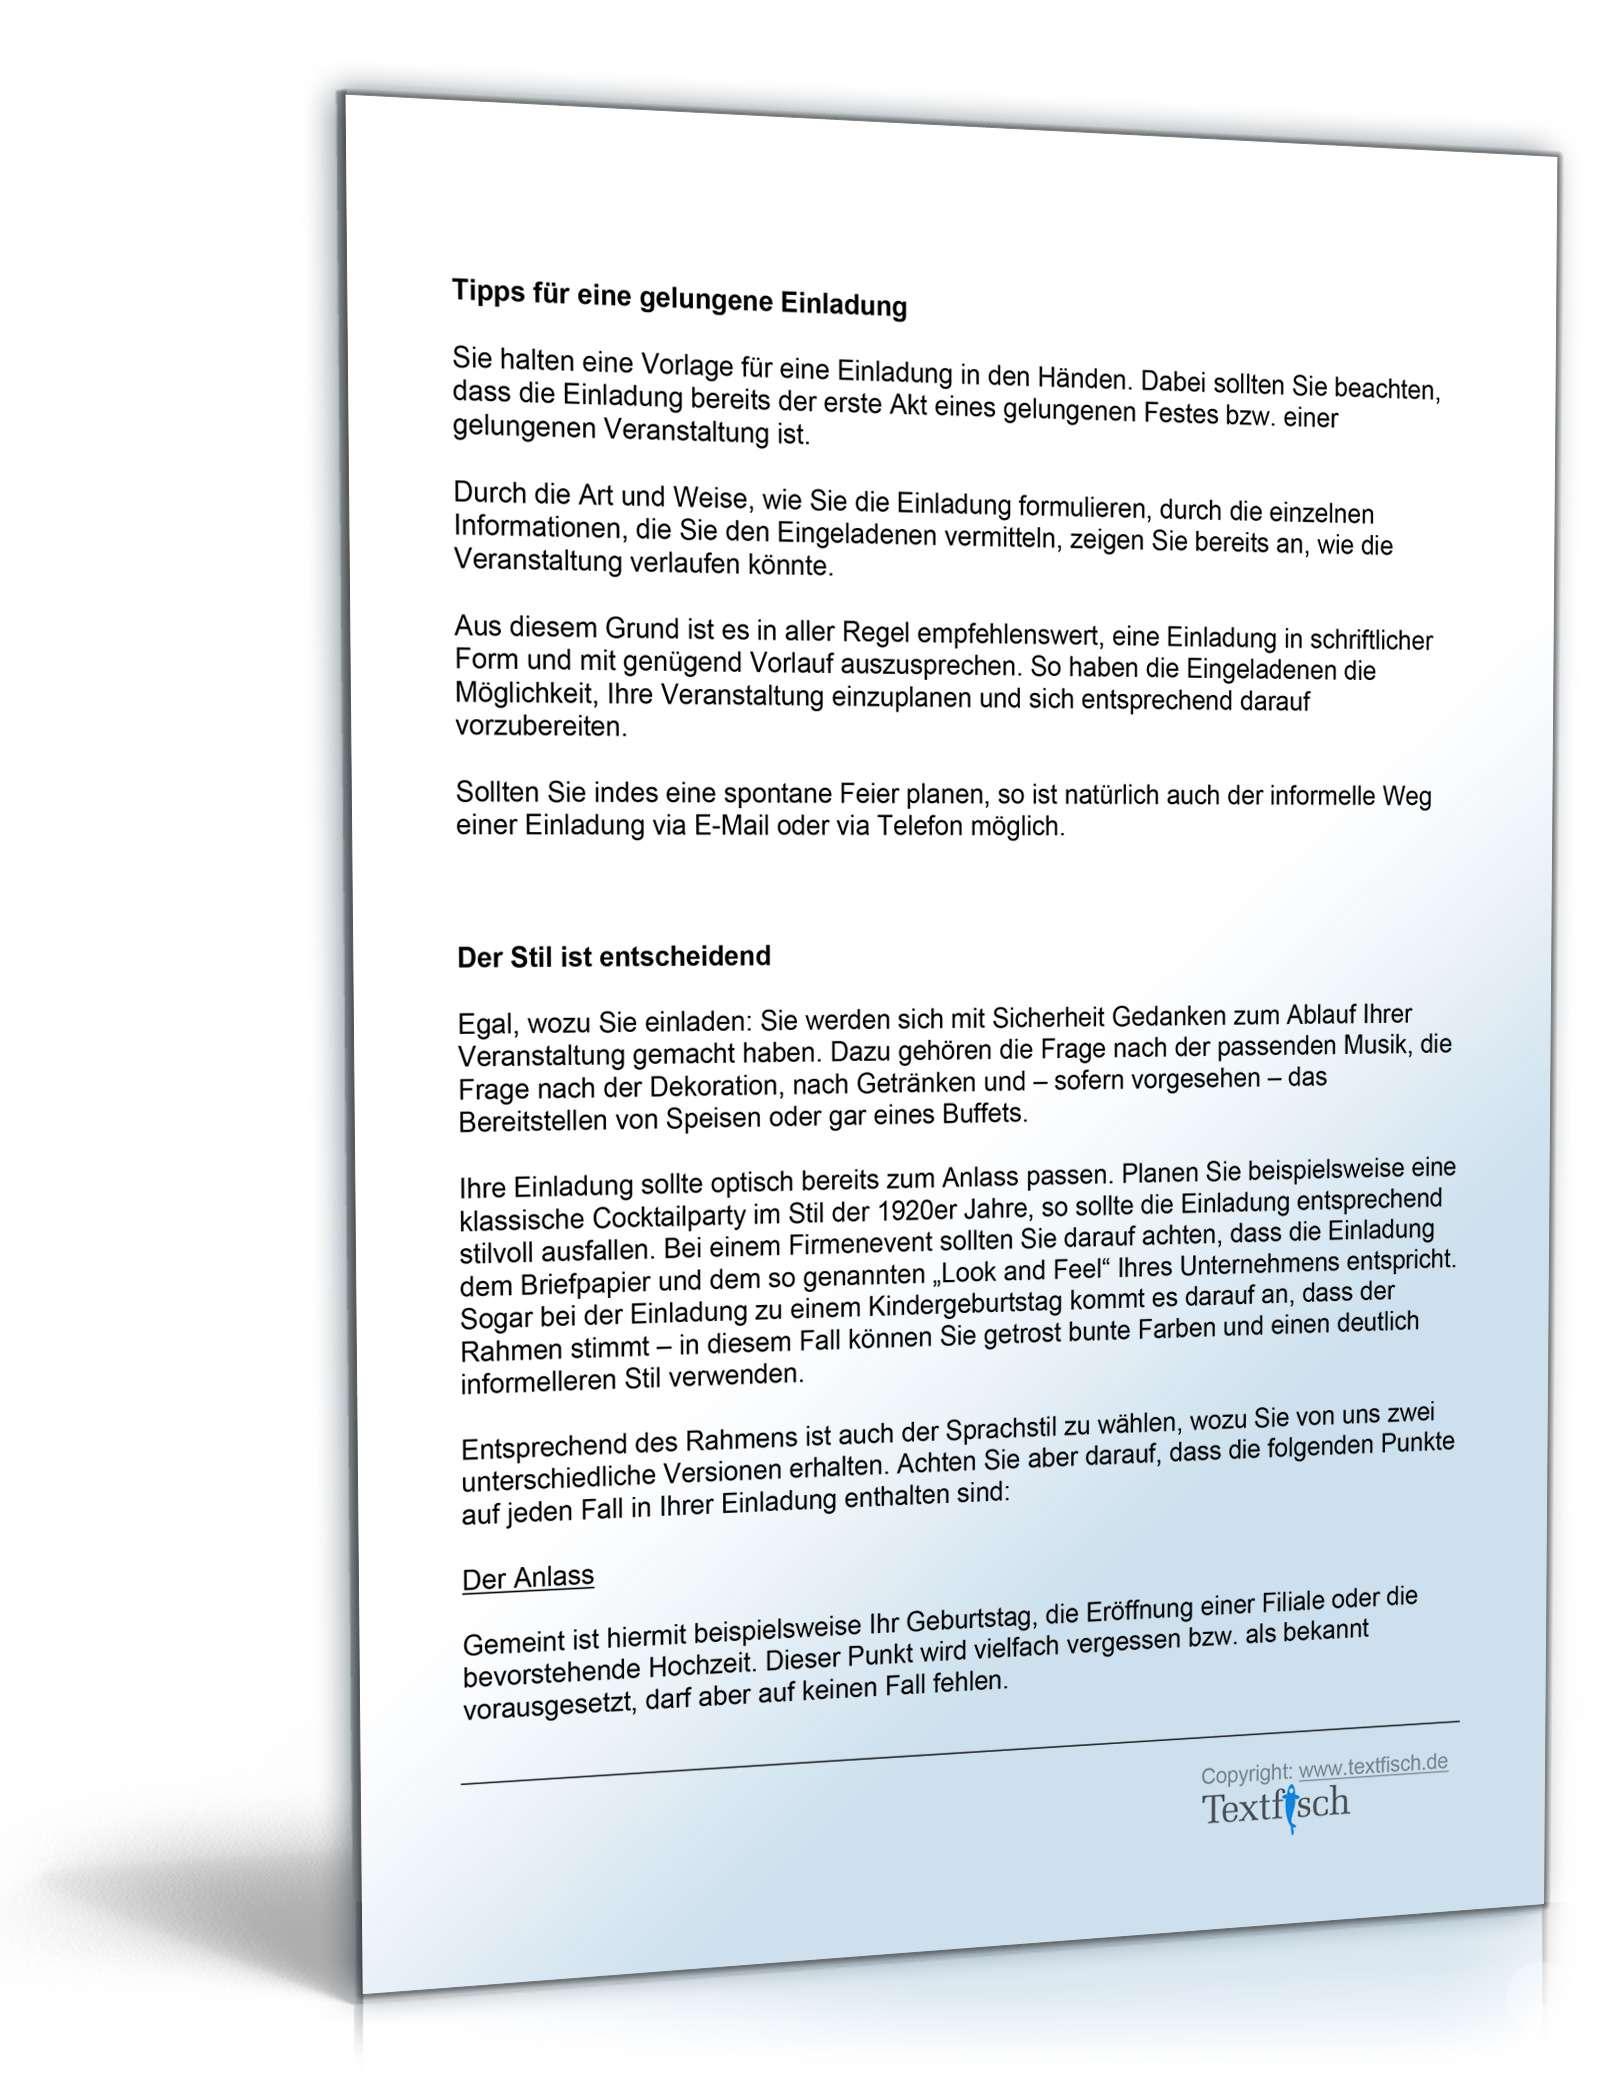 Musterbriefe Danksagung : Einladung geburtstag geschäftspartner vorlage zum download